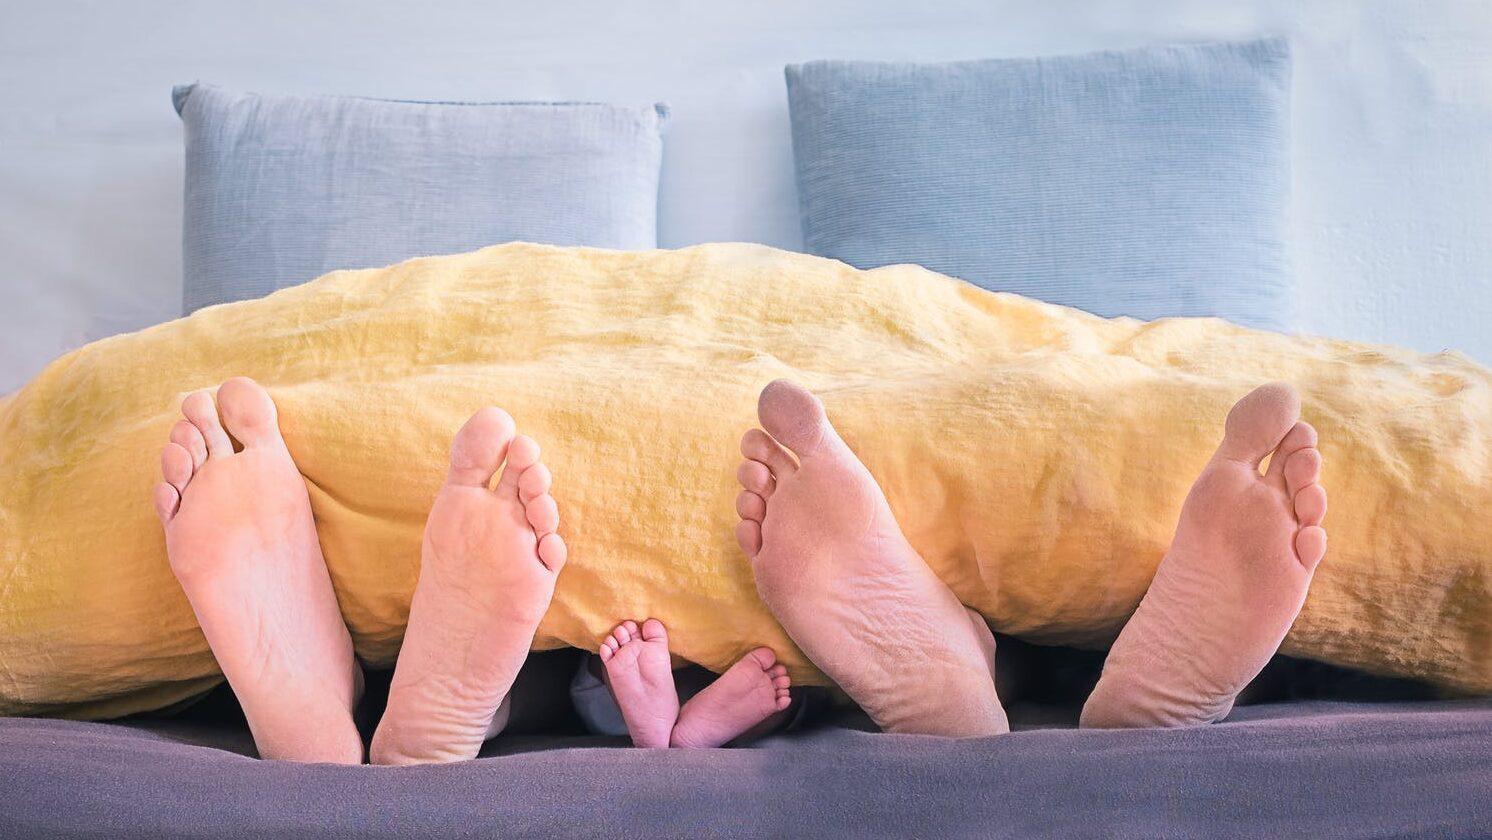 赤ちゃんの寝室って別がいい?寝室・寝床問題についてのイメージ画像2